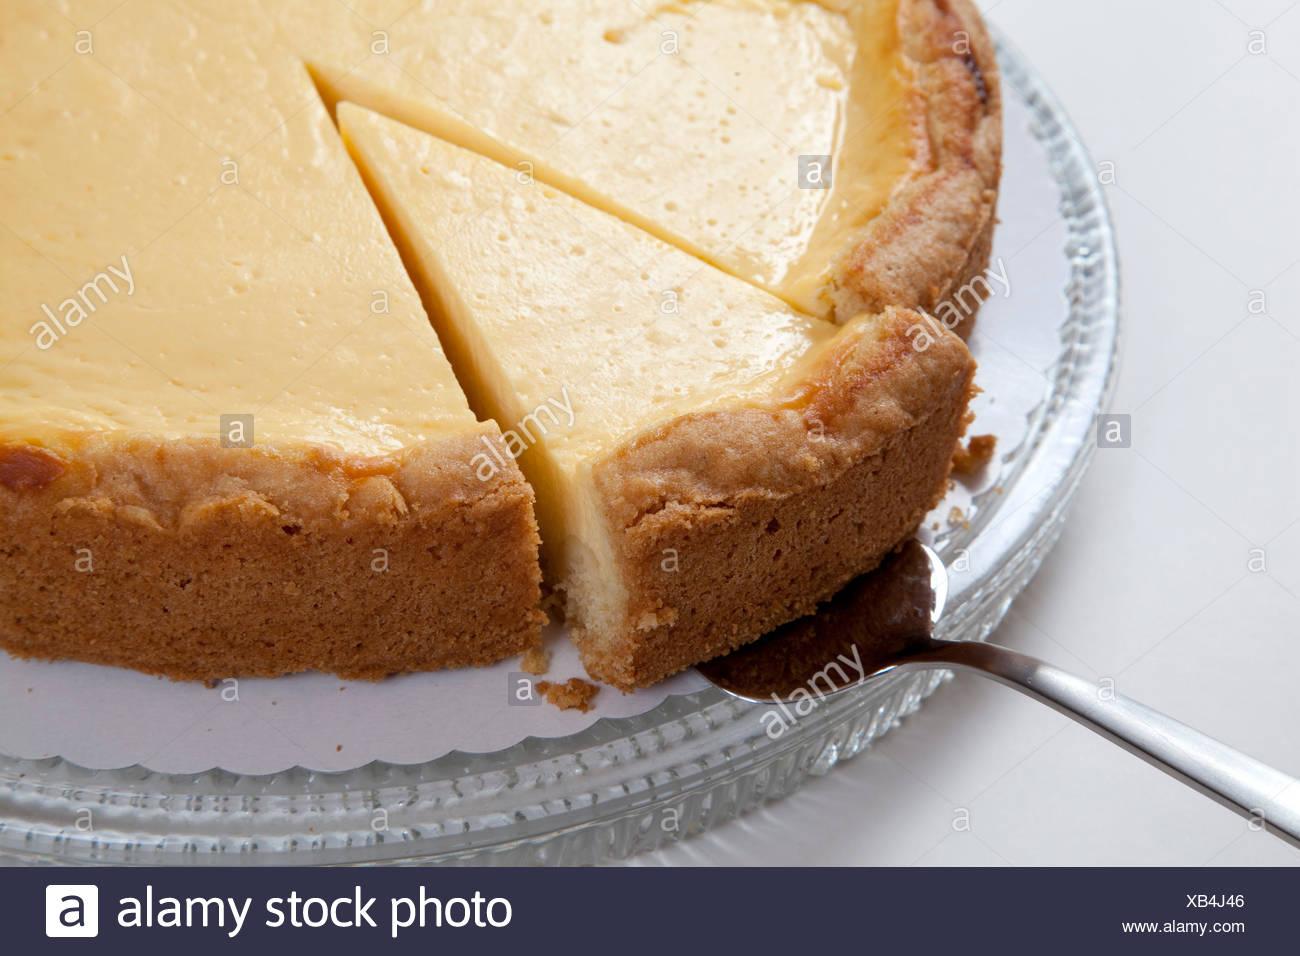 Käsekuchen Auf Einer Glasplatte, Stück Kuchen Auf Tortenheber